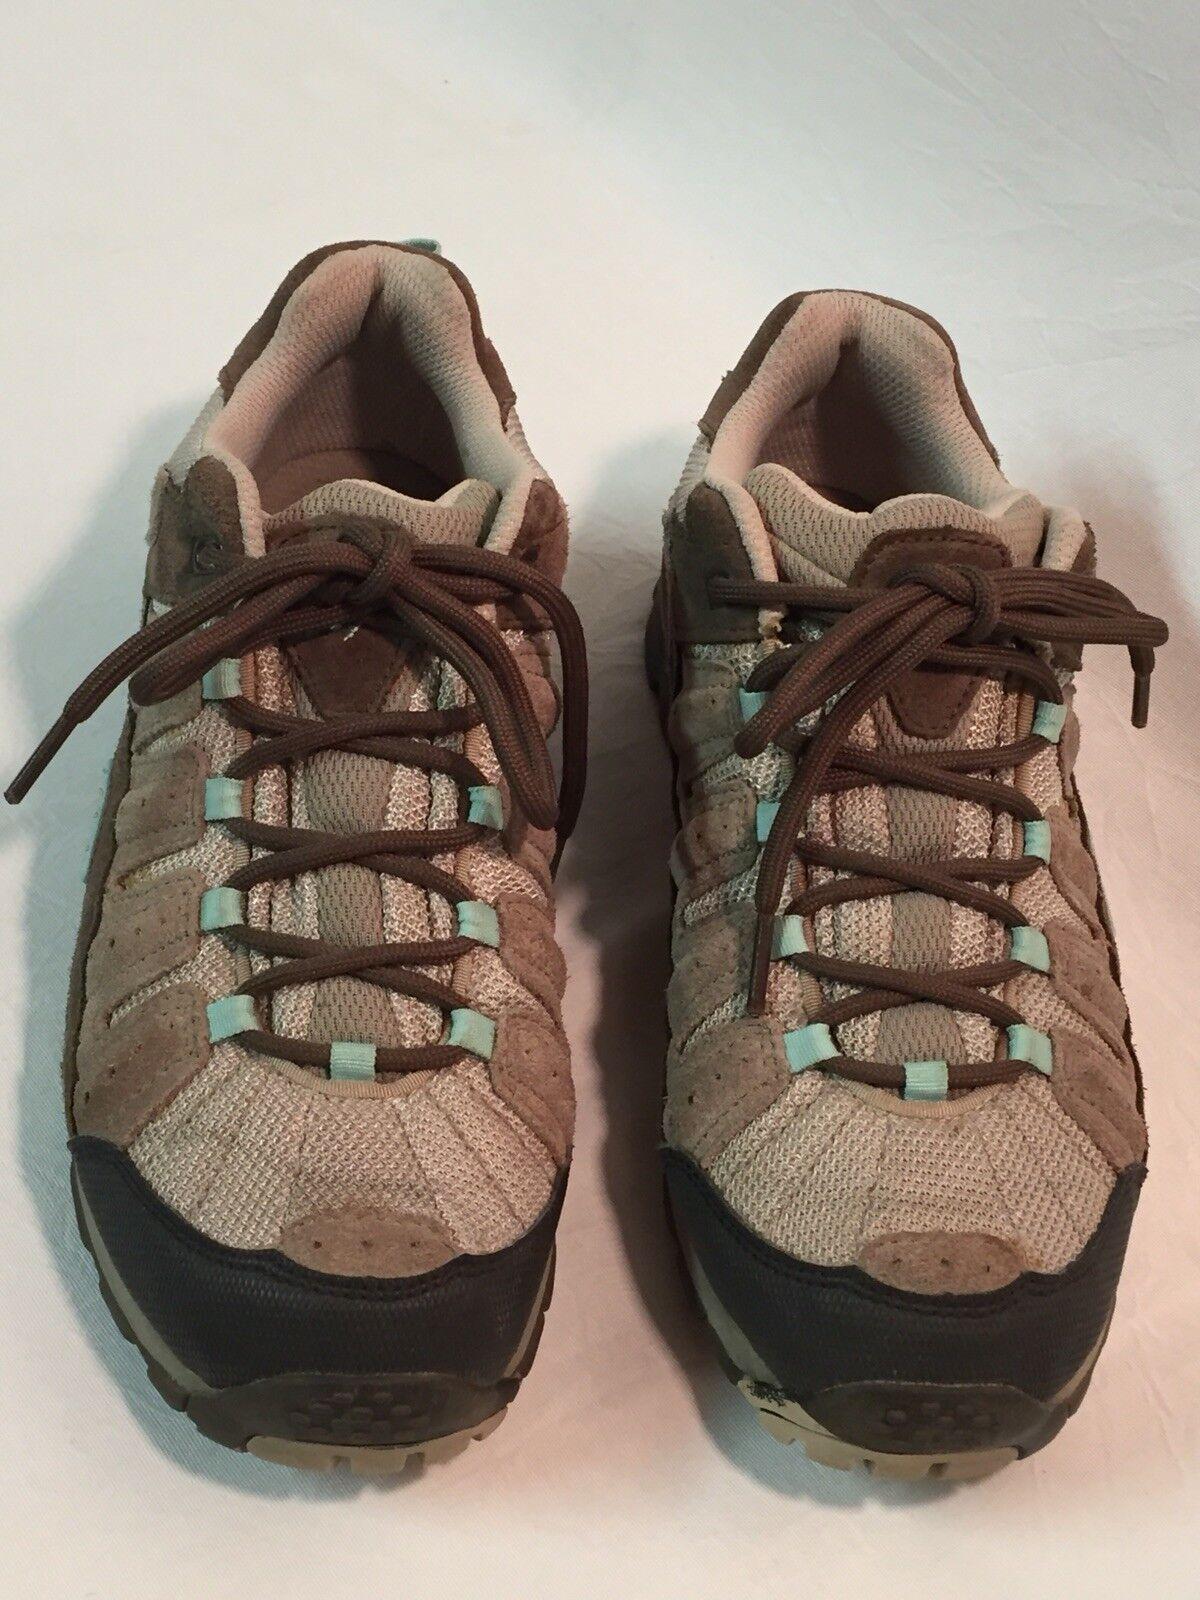 Para Mujer Columbia Taupe Azul Claro Pima  Trail tamaño del zapato 8.5 precio minorista sugerido por el fabricante  82.50  conveniente